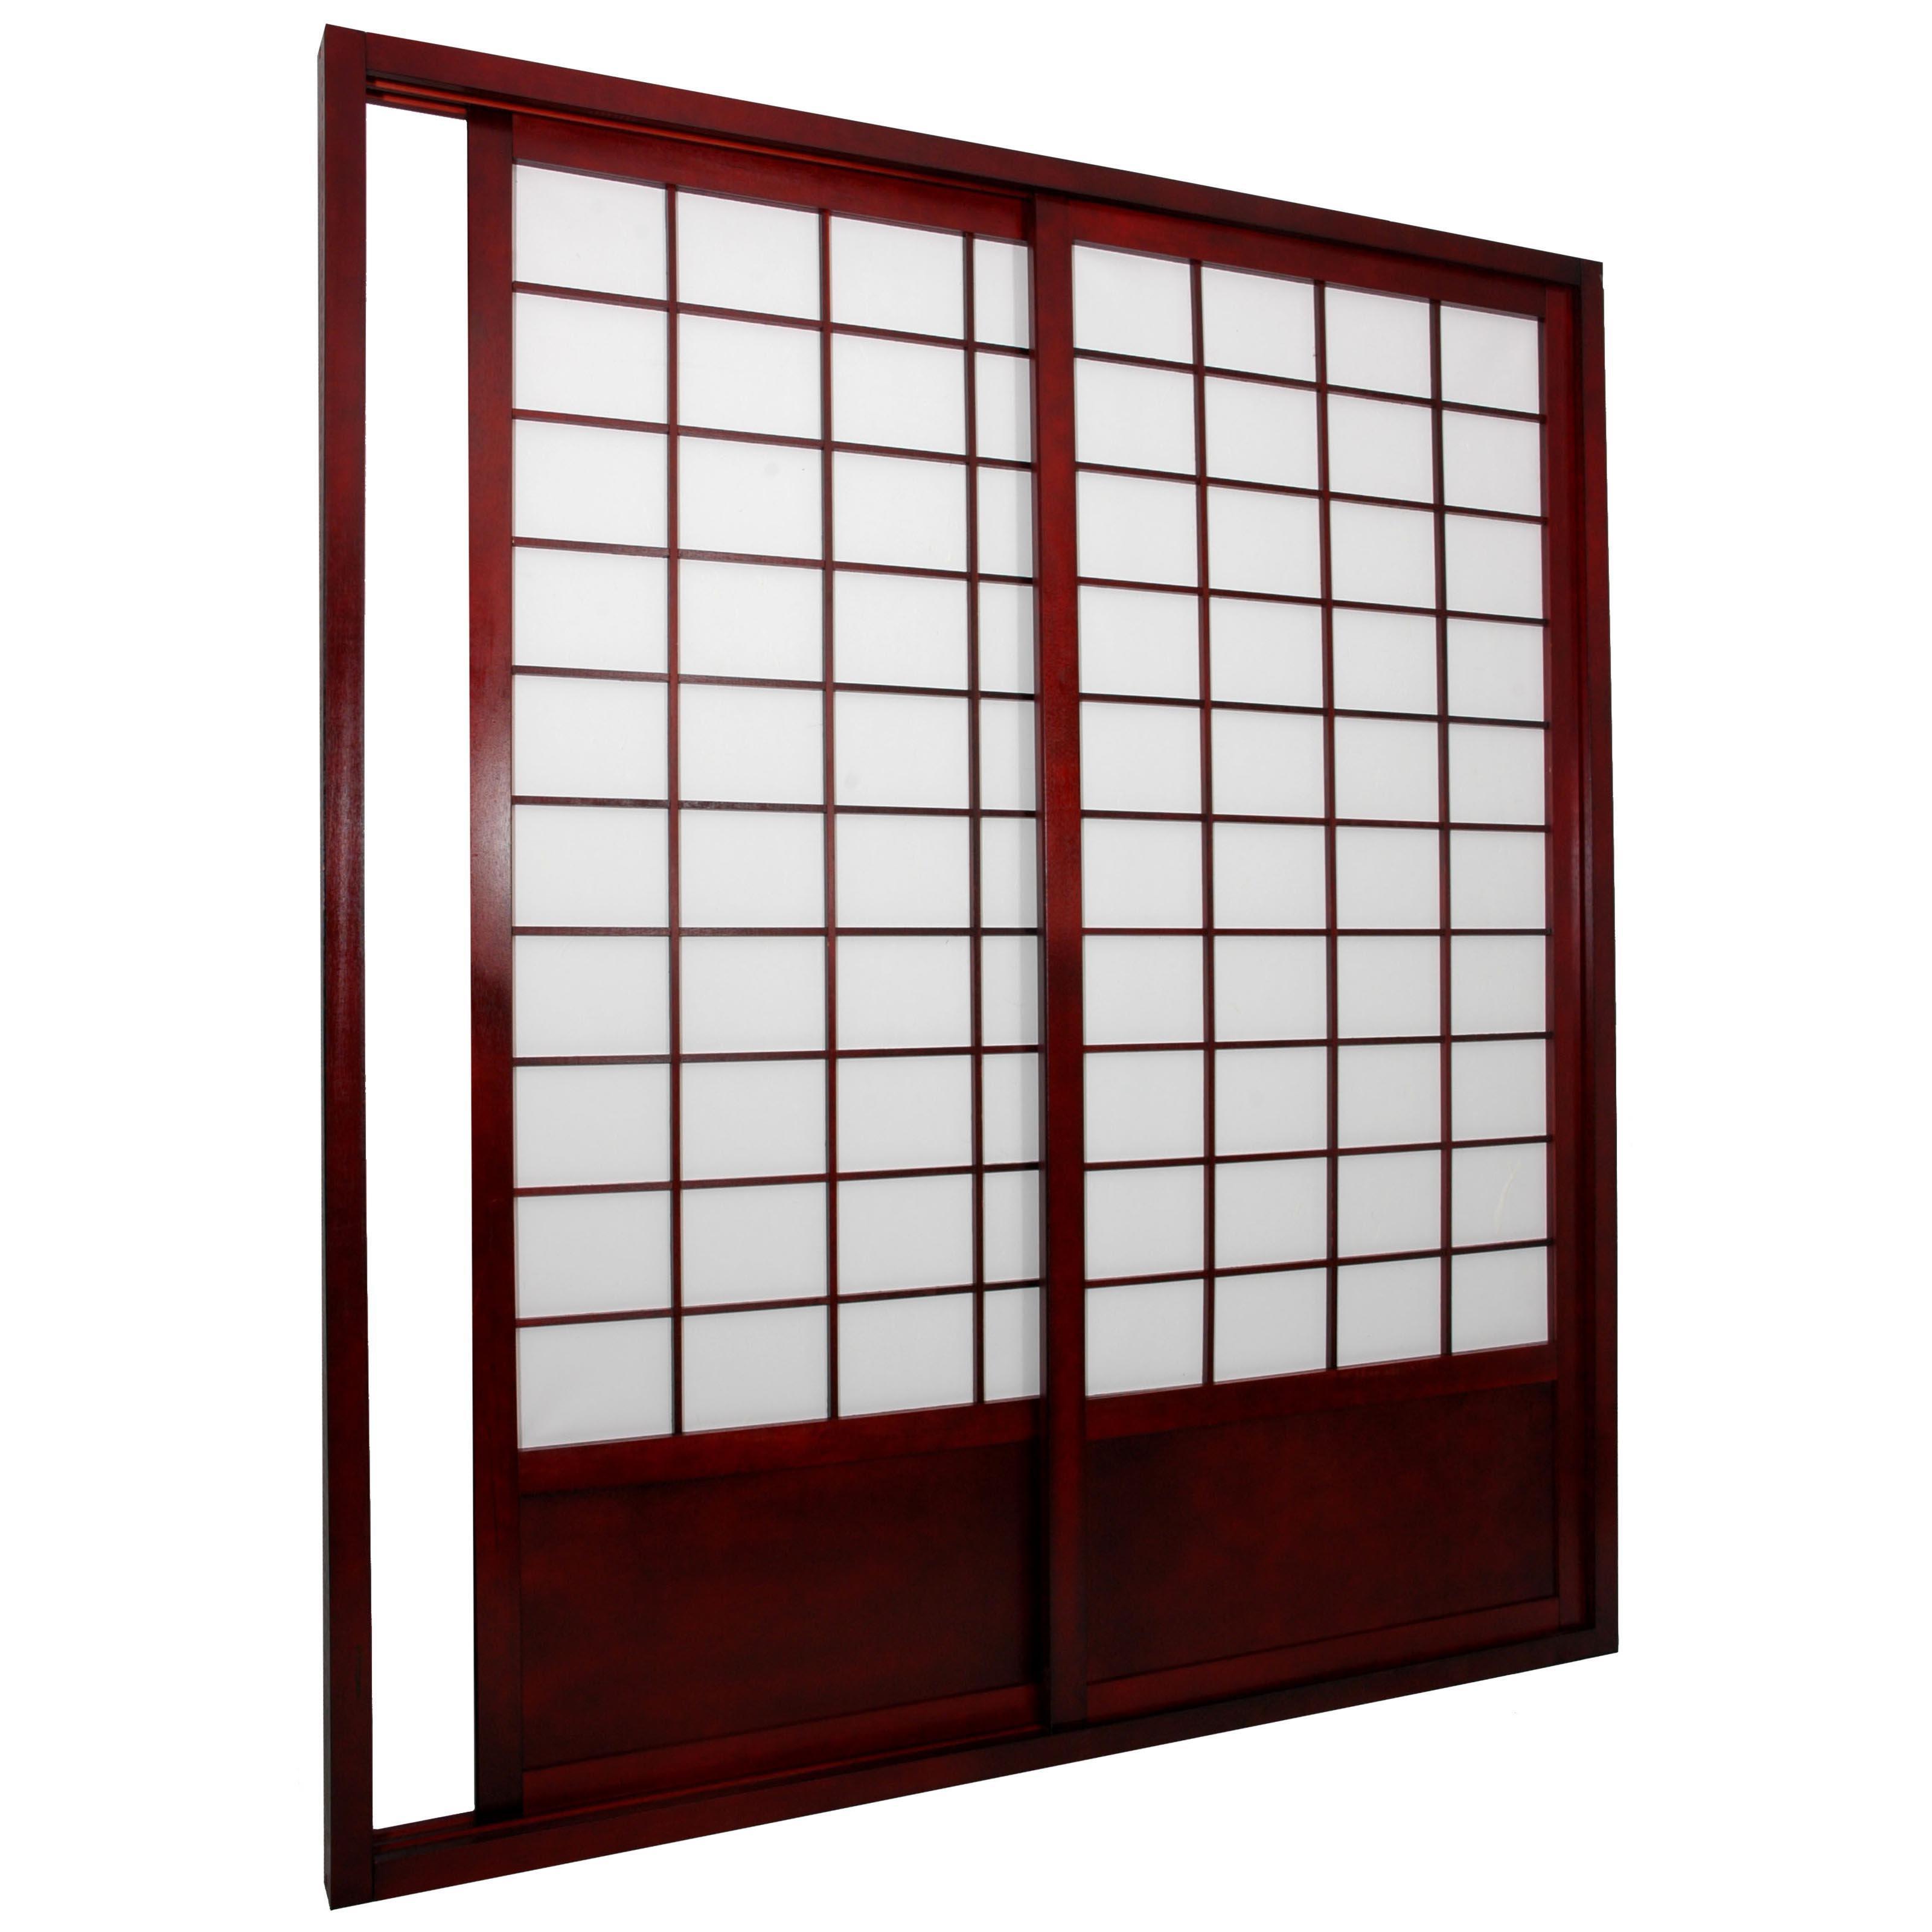 wall board divider photo - 8